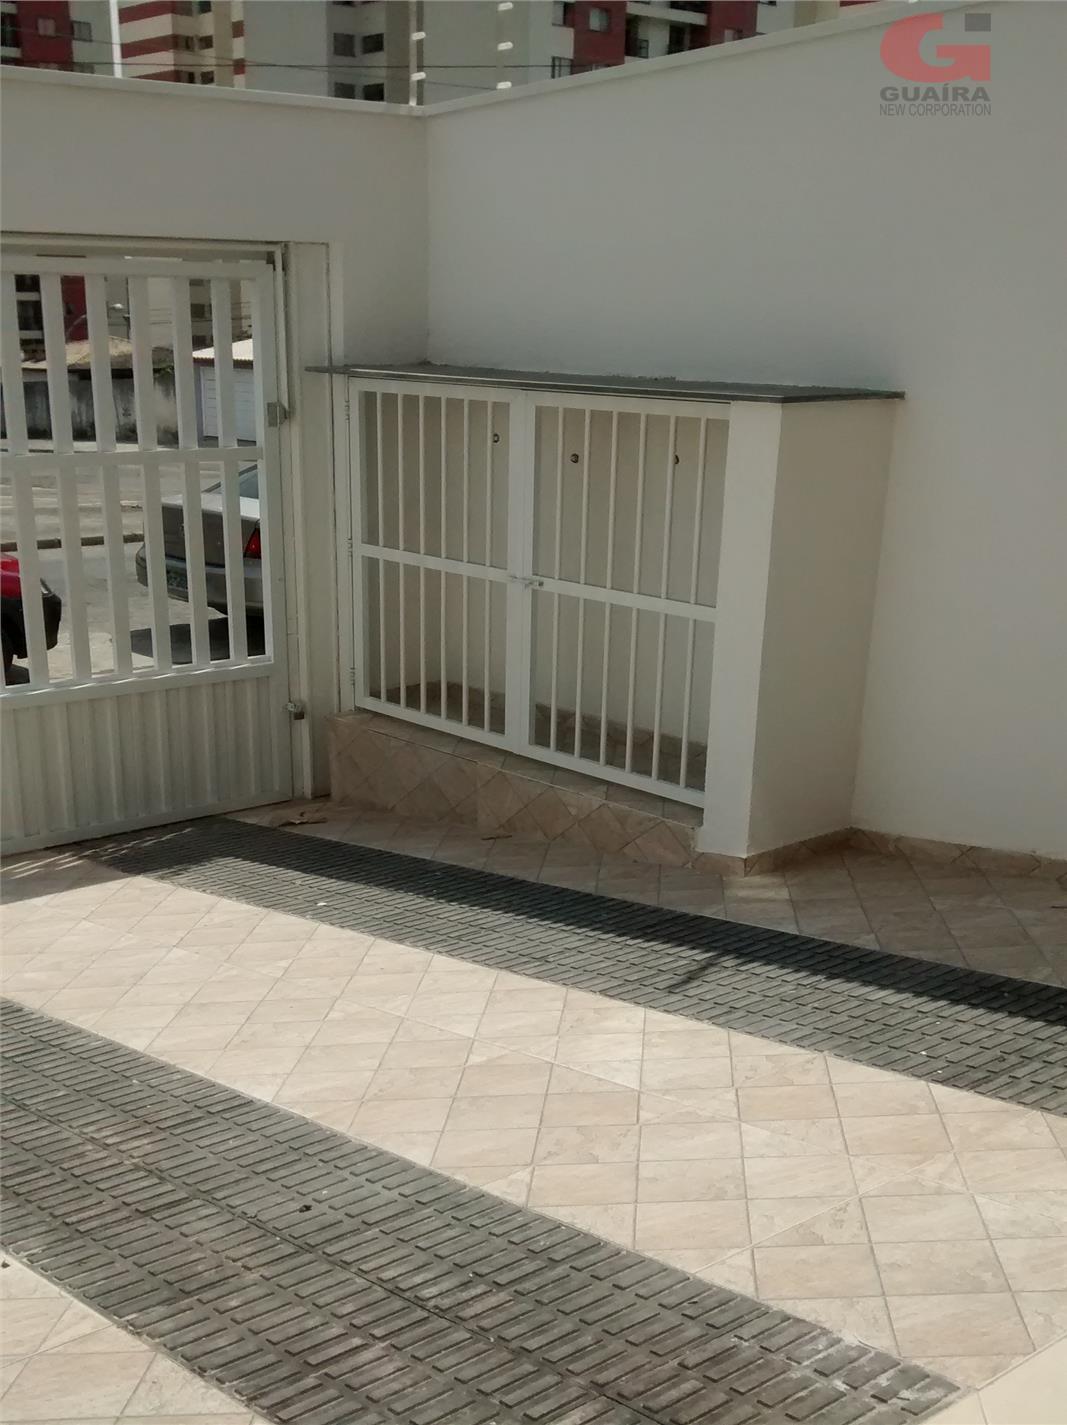 Cobertura de 2 dormitórios em Jardim Pilar, Santo André - SP